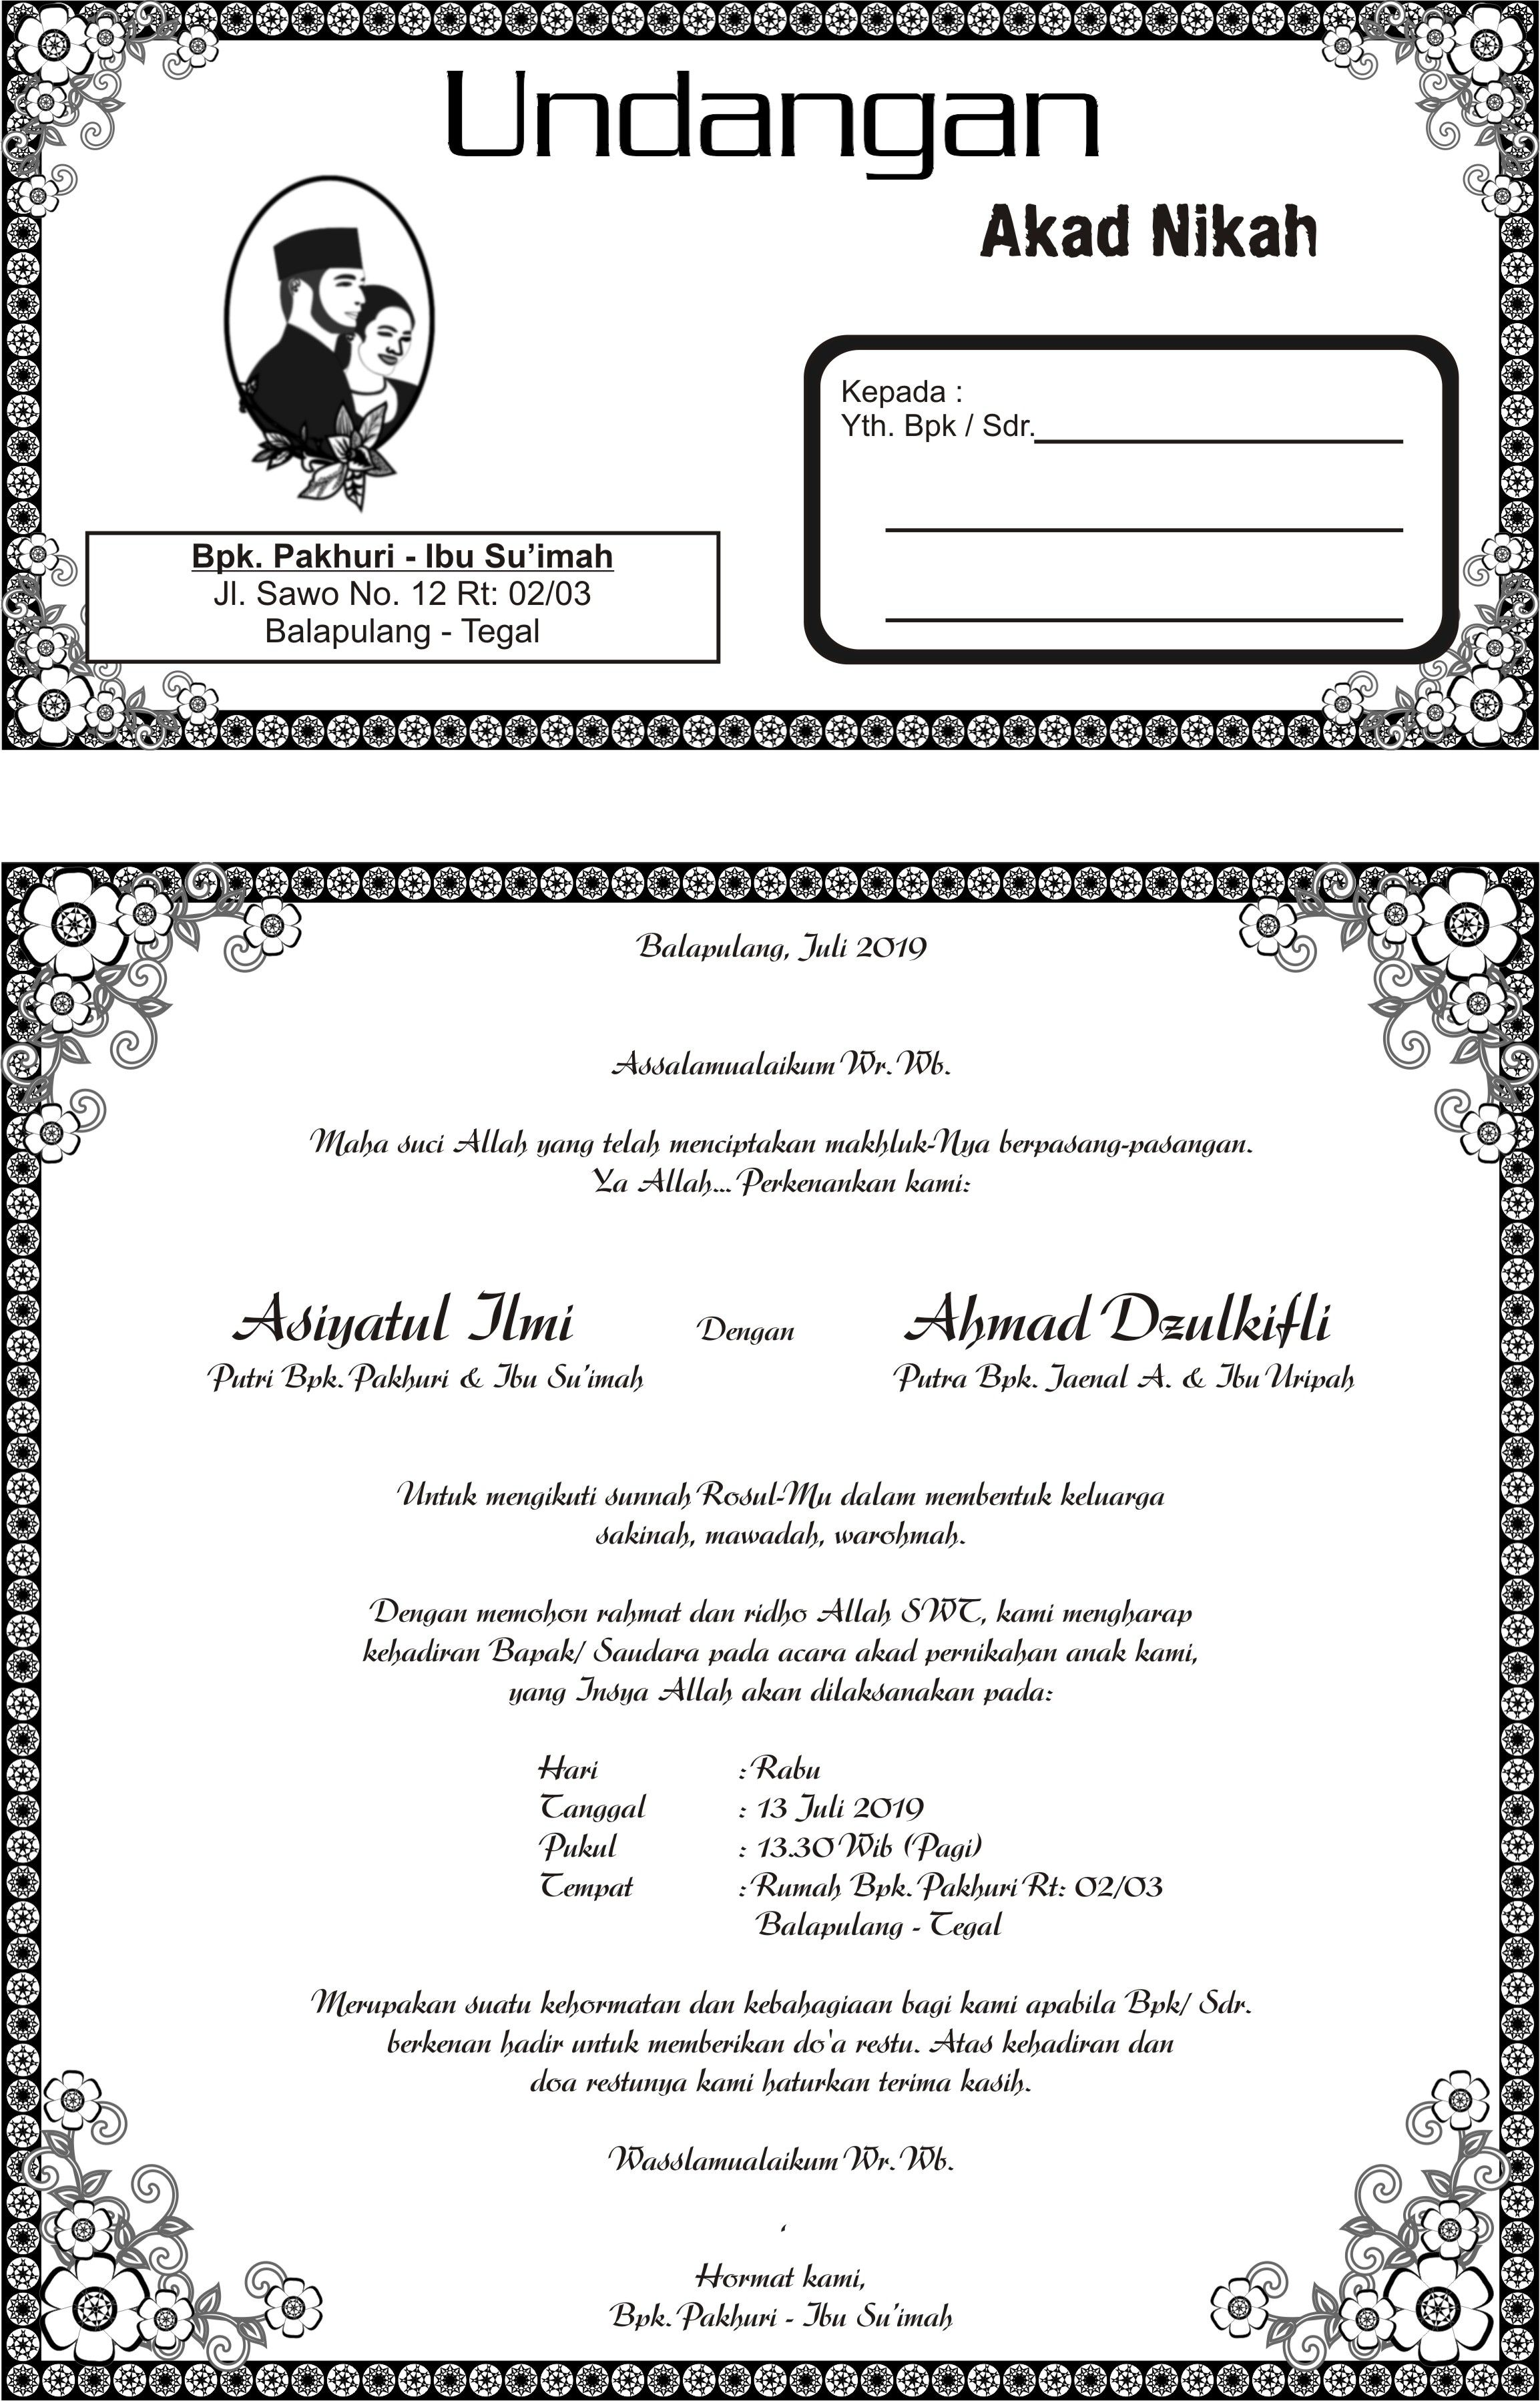 Undangan Aqiqah Dan Khitanan : undangan, aqiqah, khitanan, Undangan, Nikah, Asiyatul, Undangan,, Desain, Pernikahan